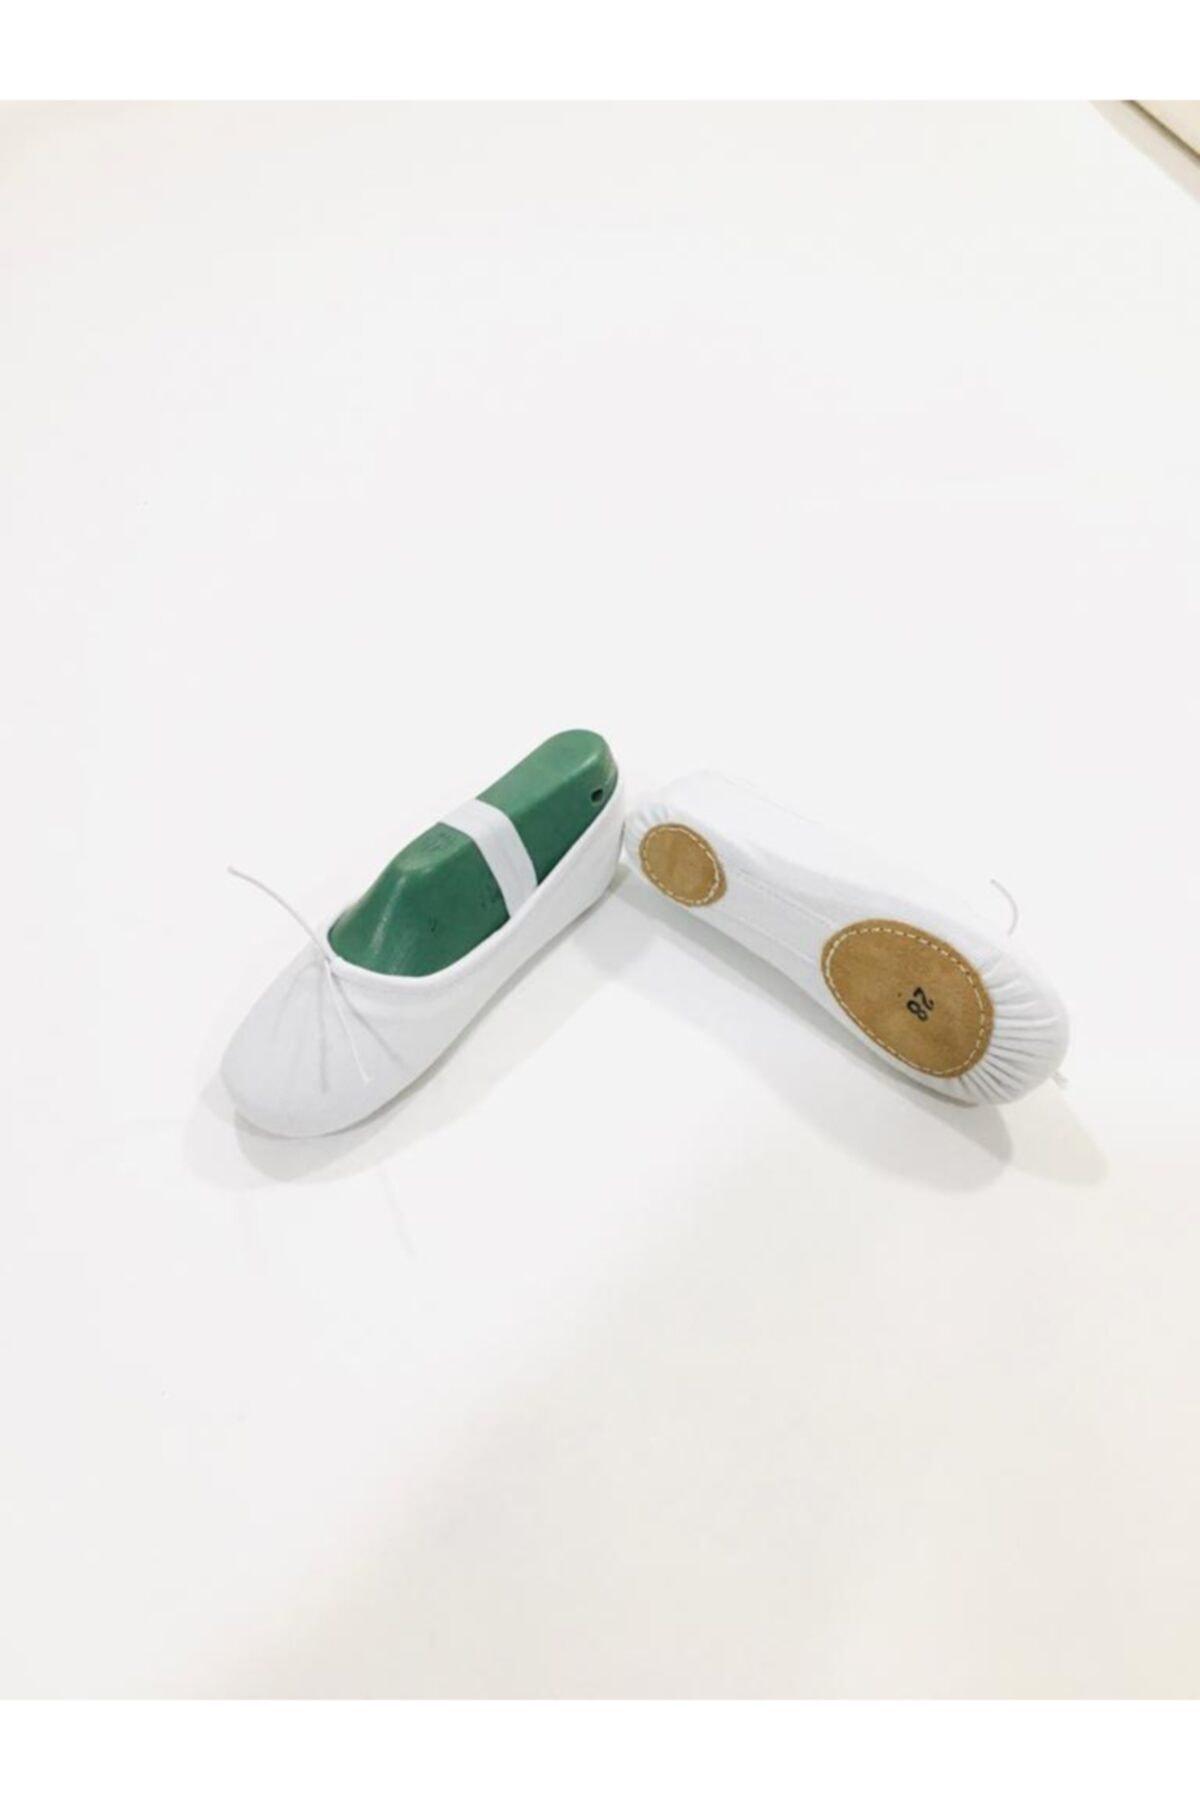 Yıldız Bale Kostüm ve Spor Ürünleri Beyaz Kanvas Çift Taban Bale Patiği 1